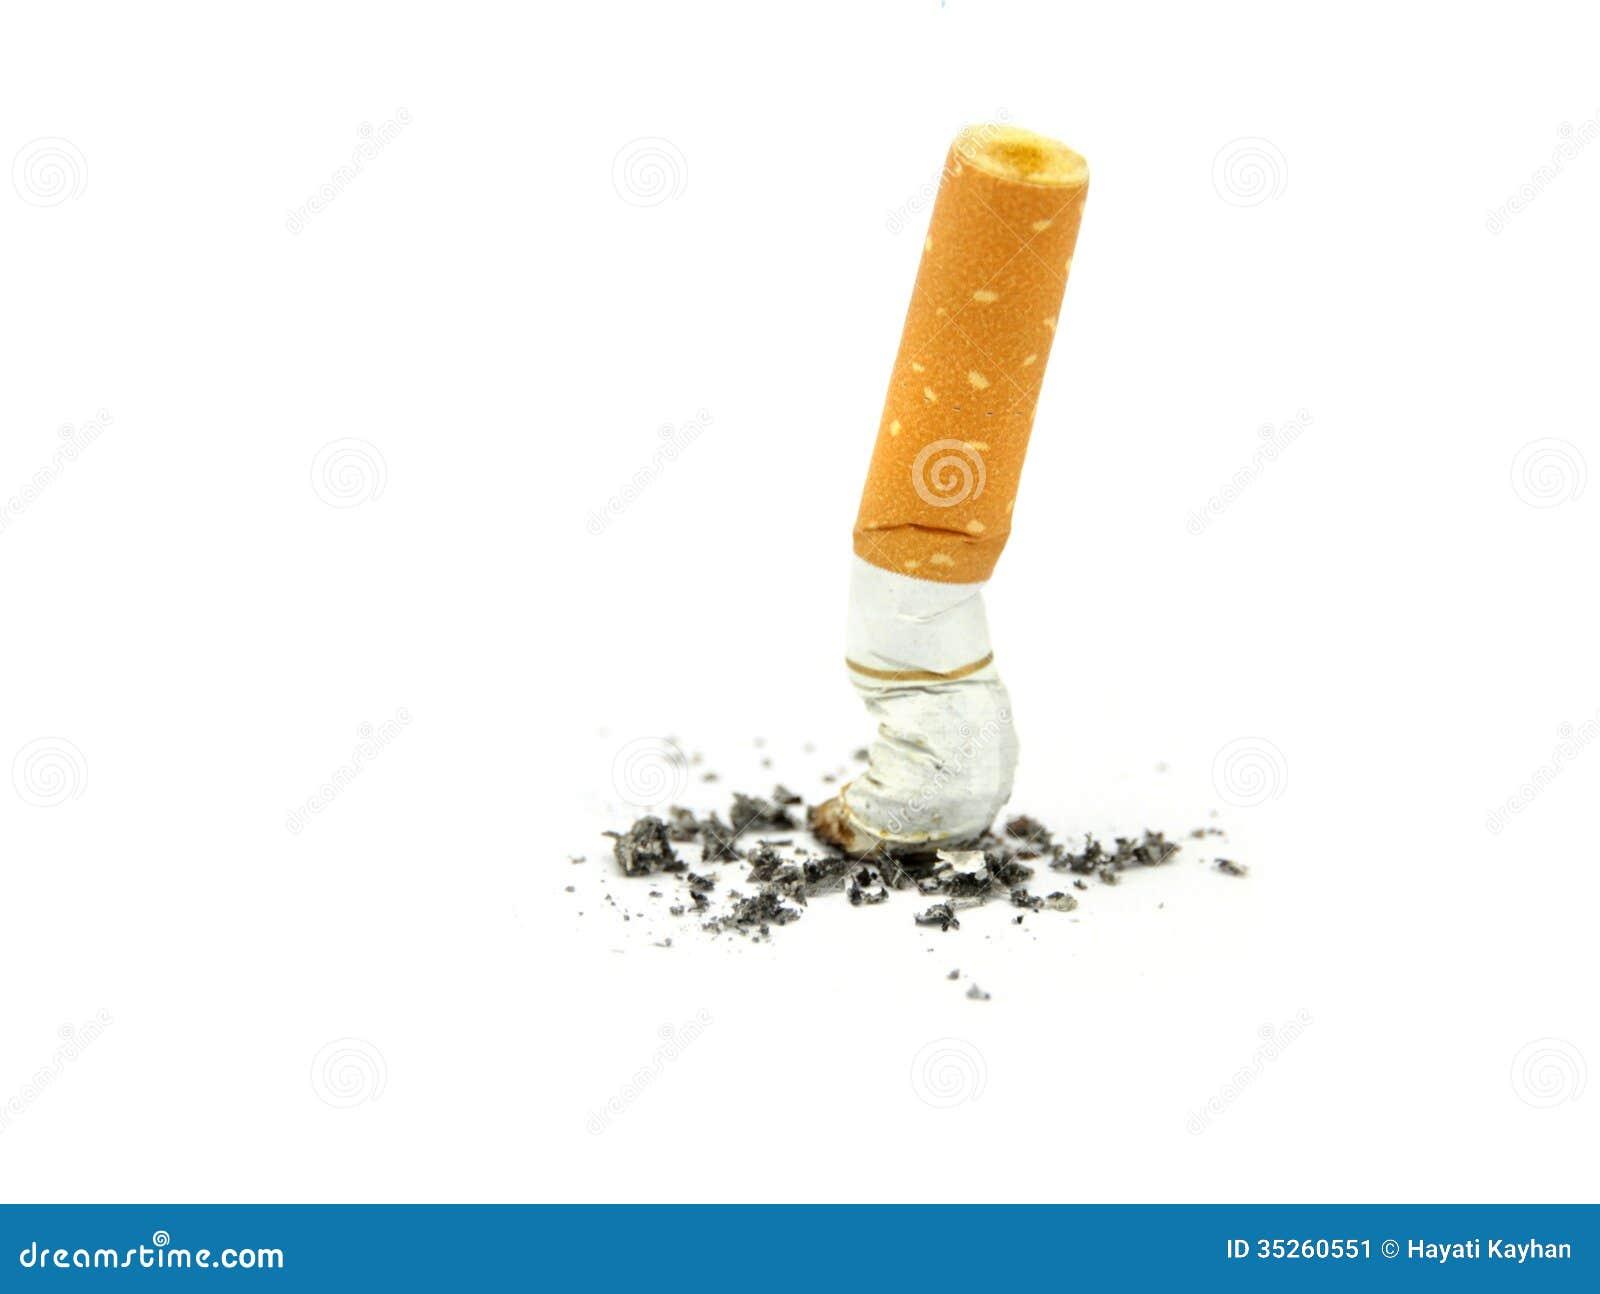 Sigaretuiteinden. Einde het roken concept